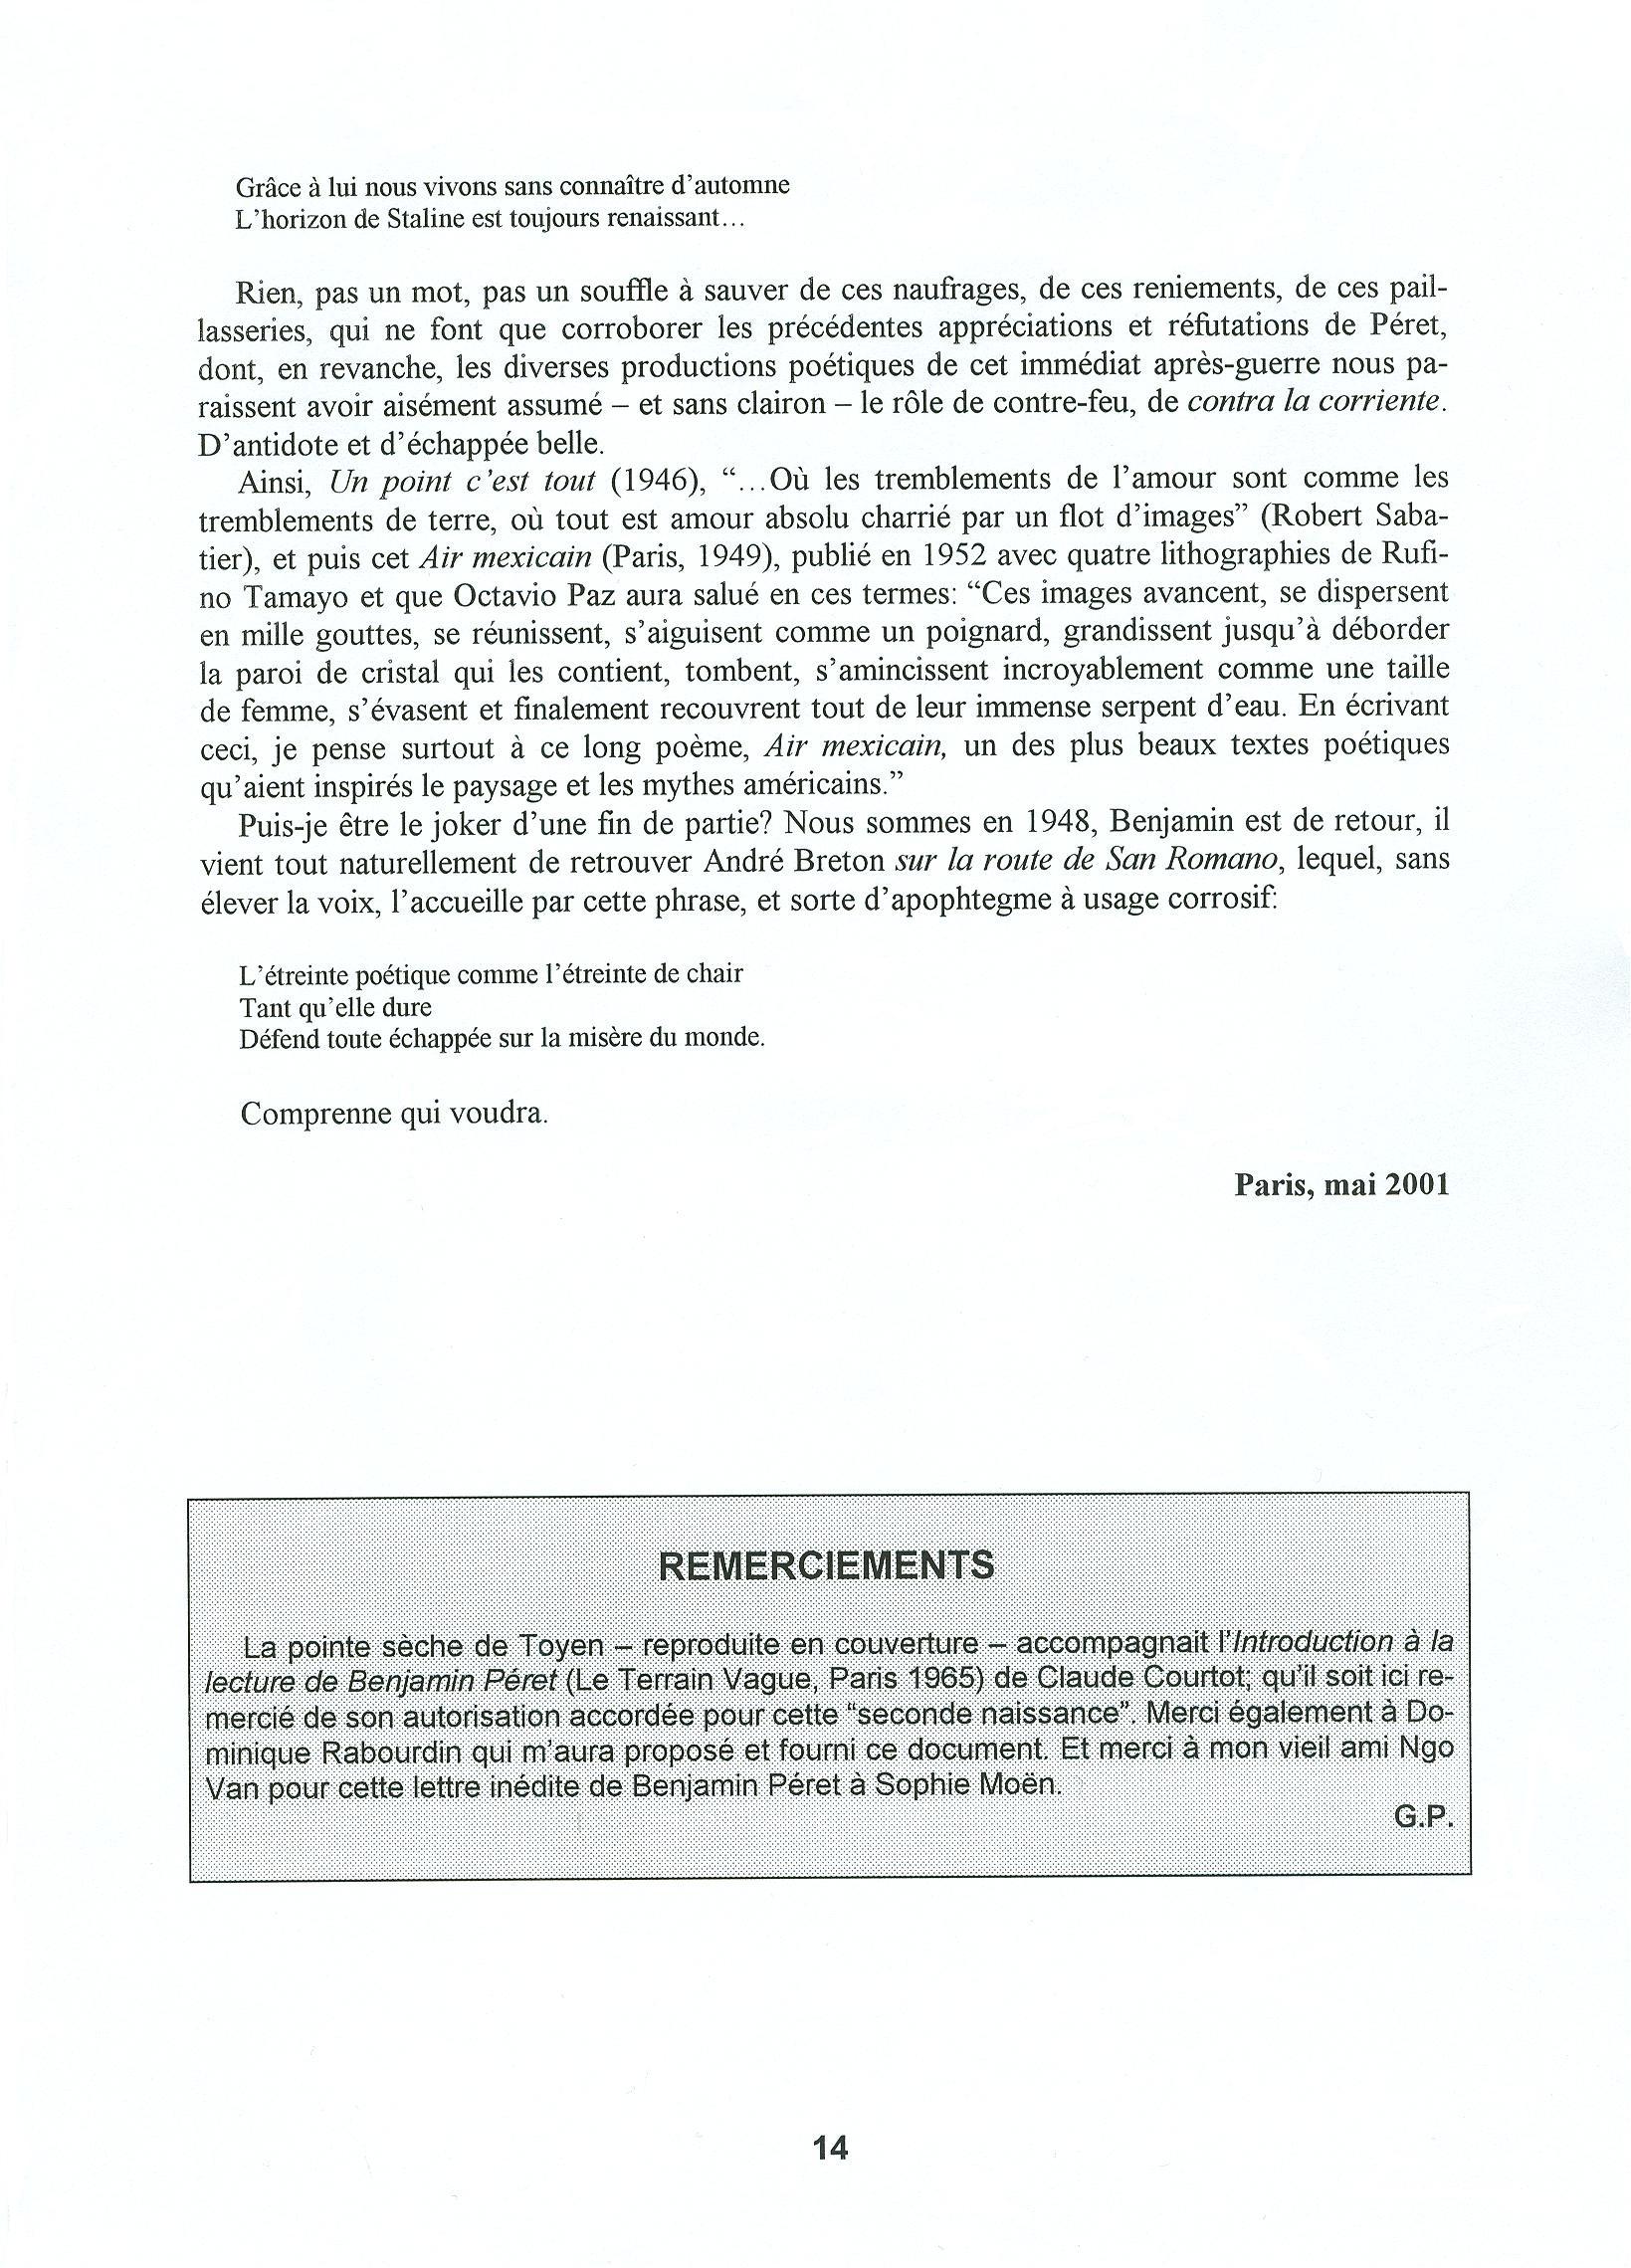 Quaderno n. 32 - pag. 15